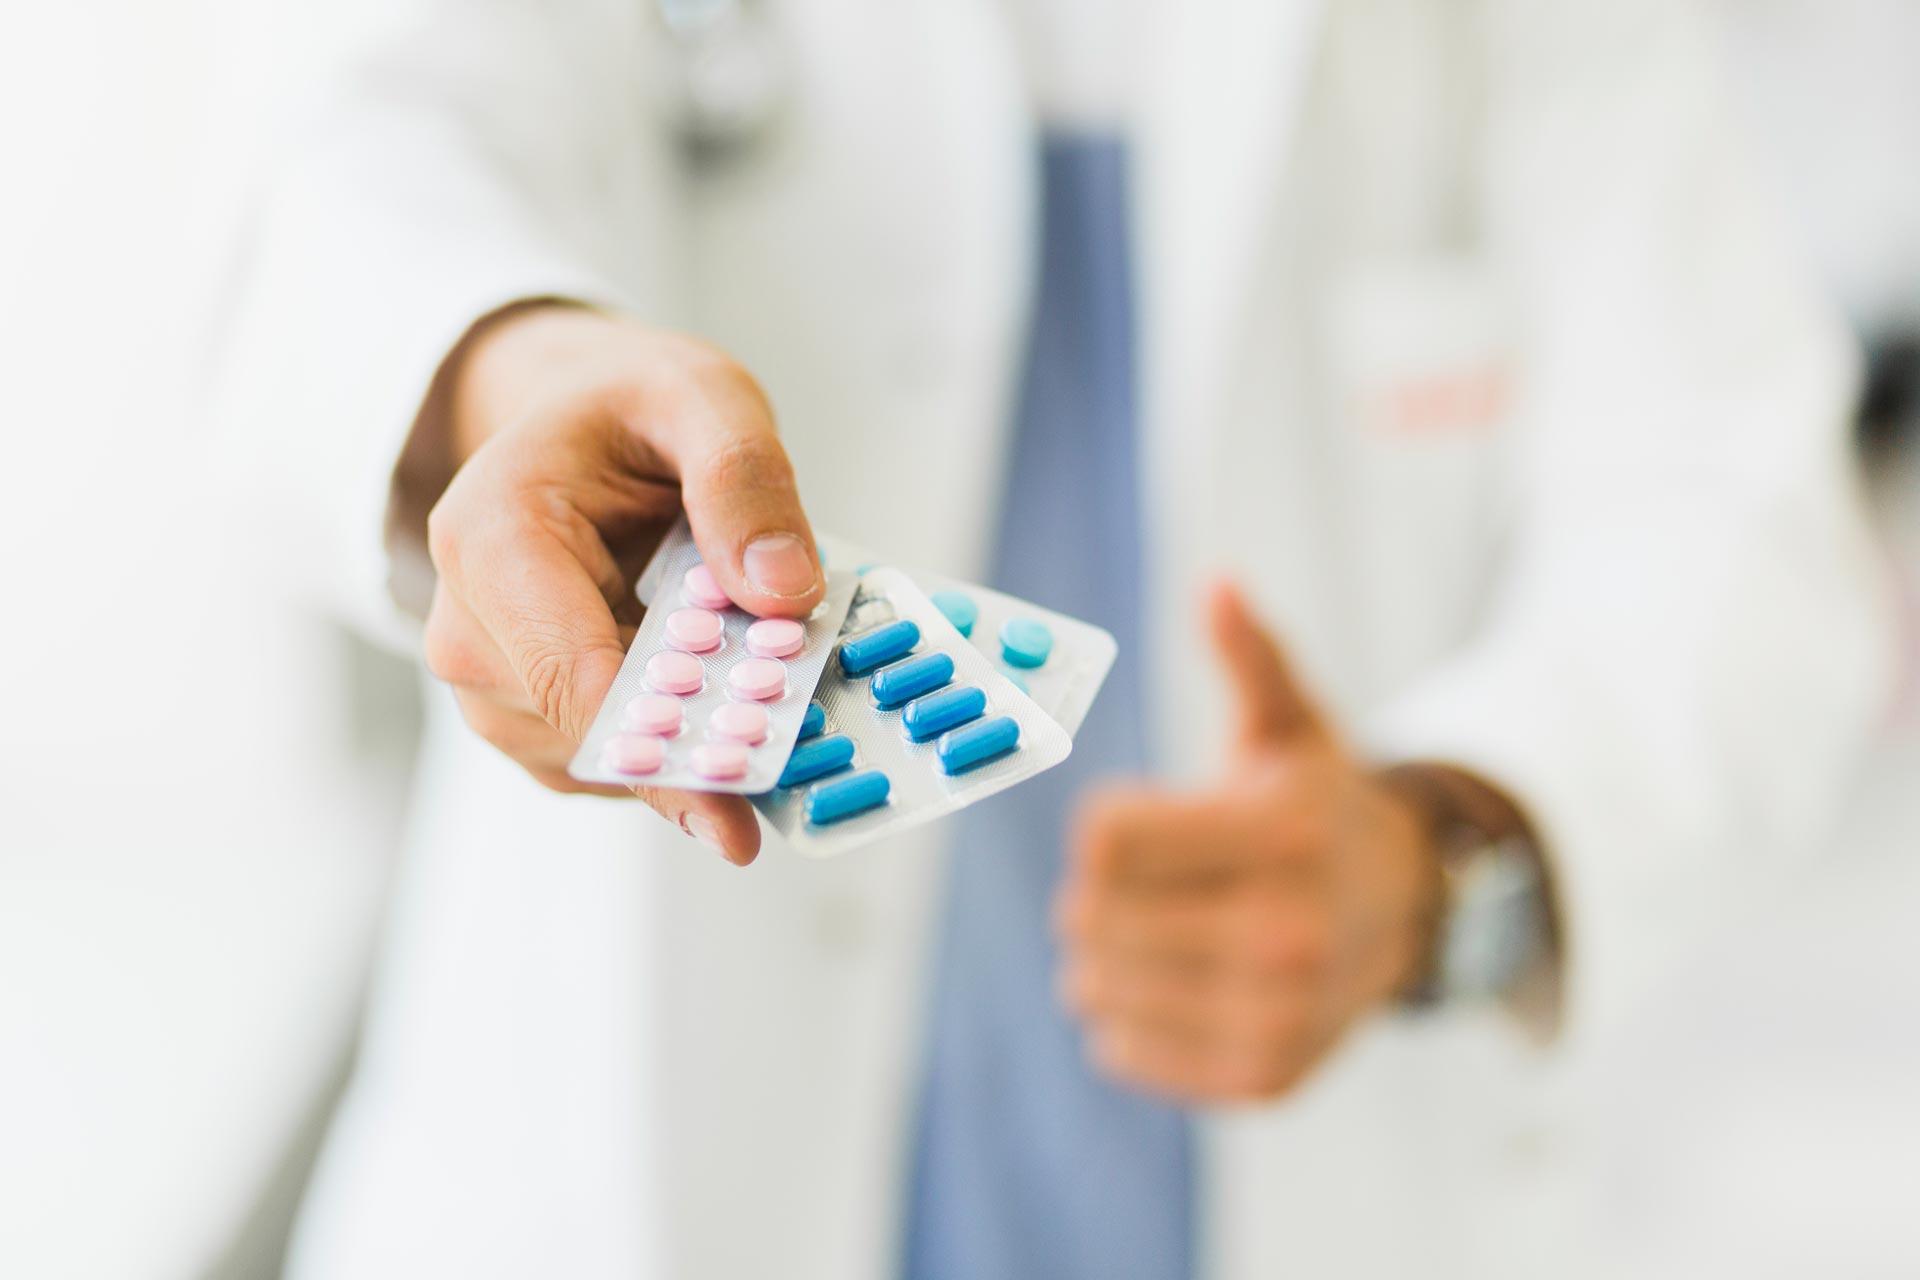 Skutki uboczne leków SSRI - Inhibitory wychwytu zwrotnego serotoniny